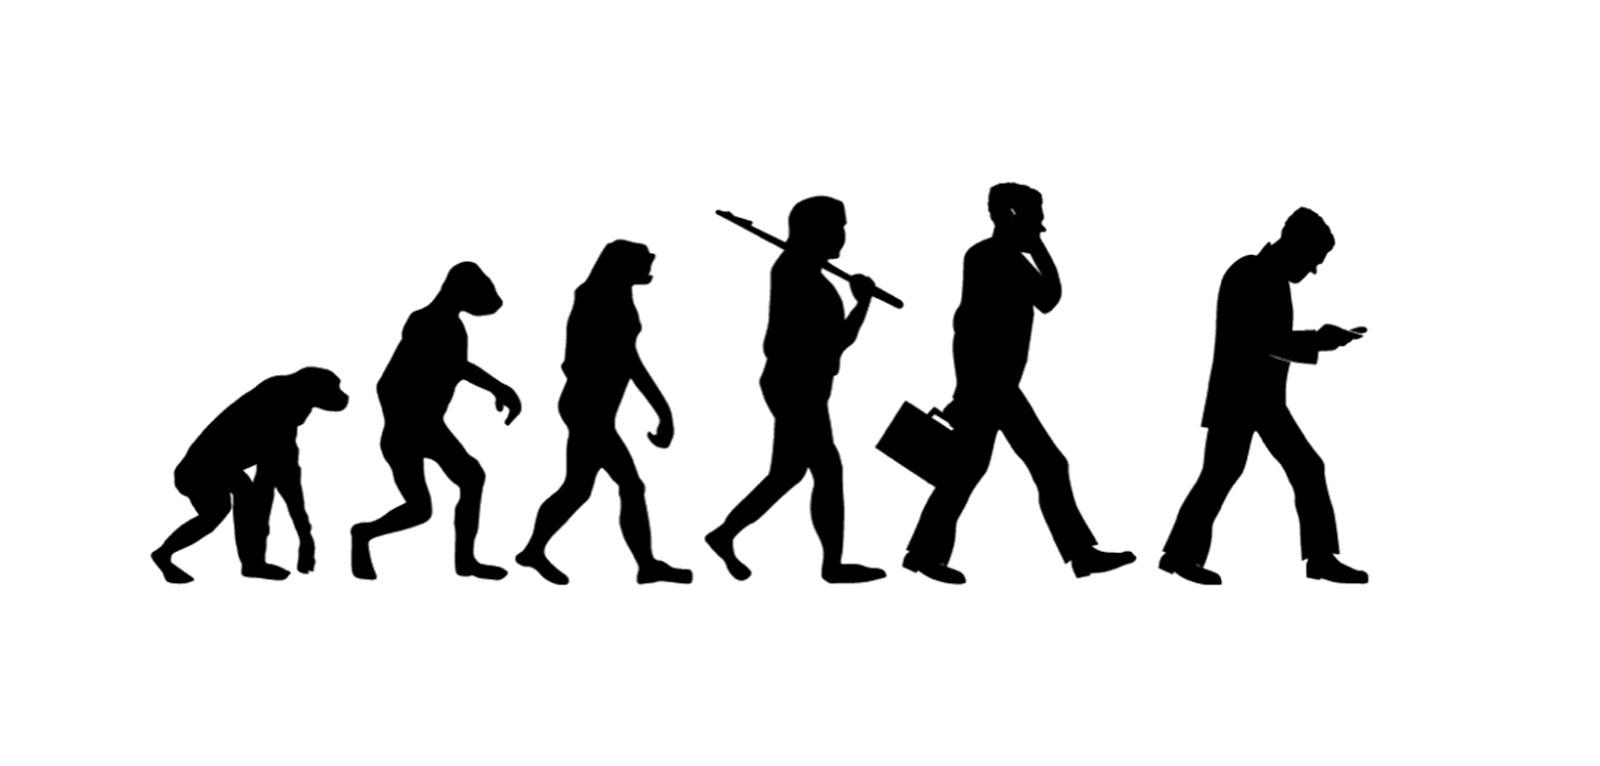 evolutionary consumer